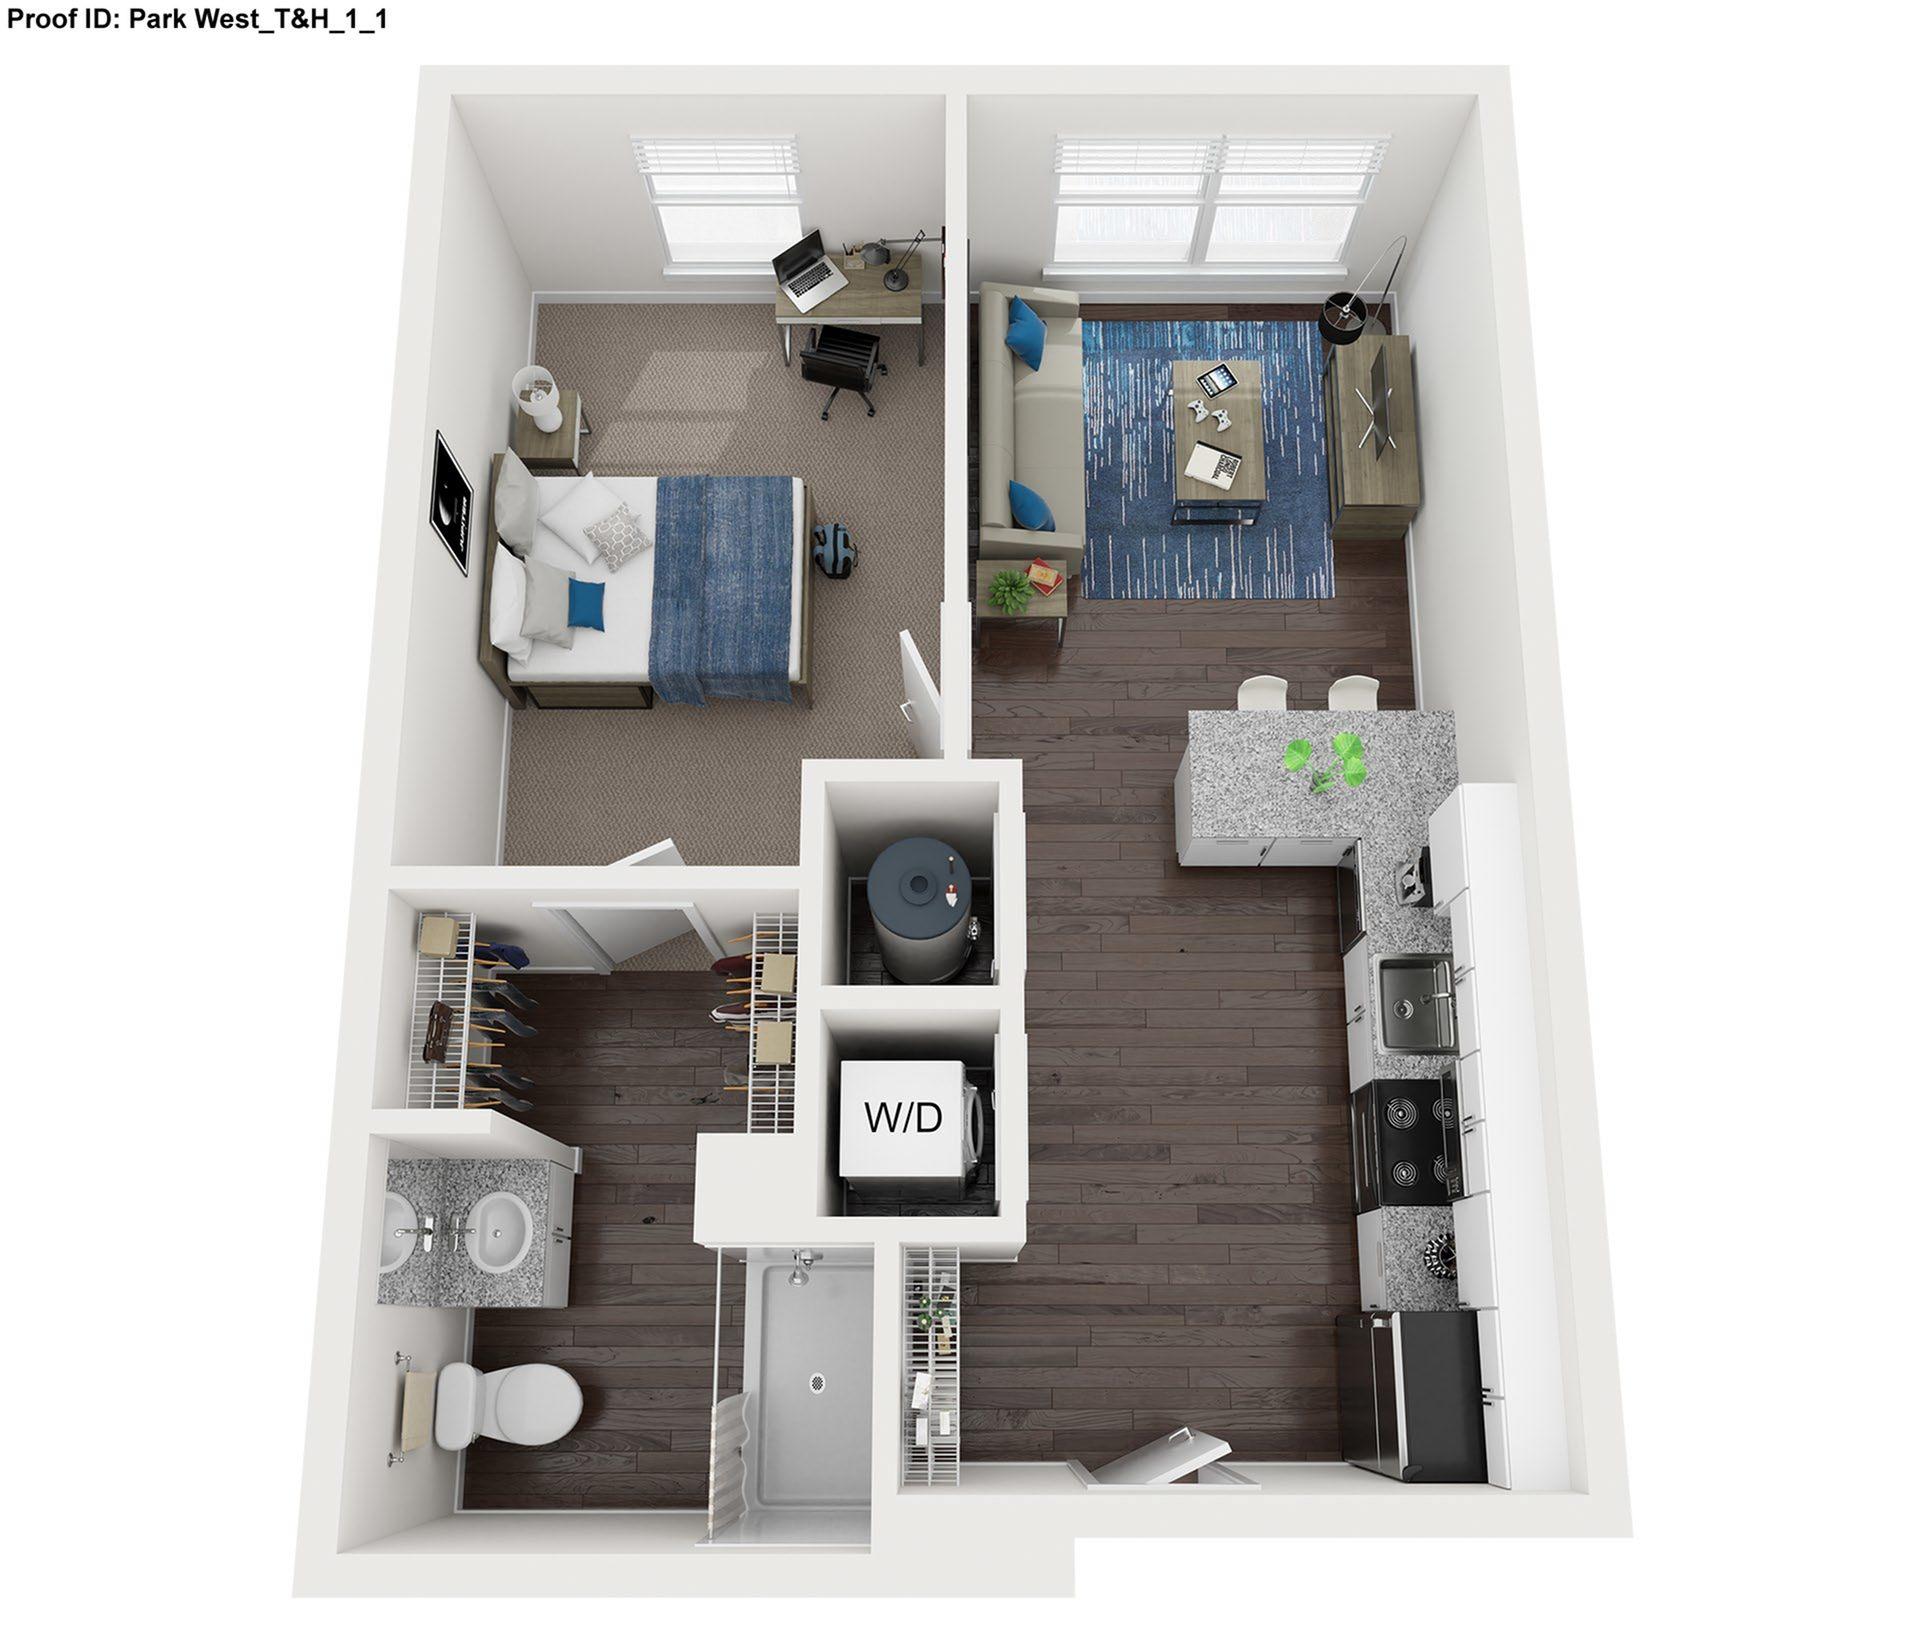 1 Bed Floor Plan